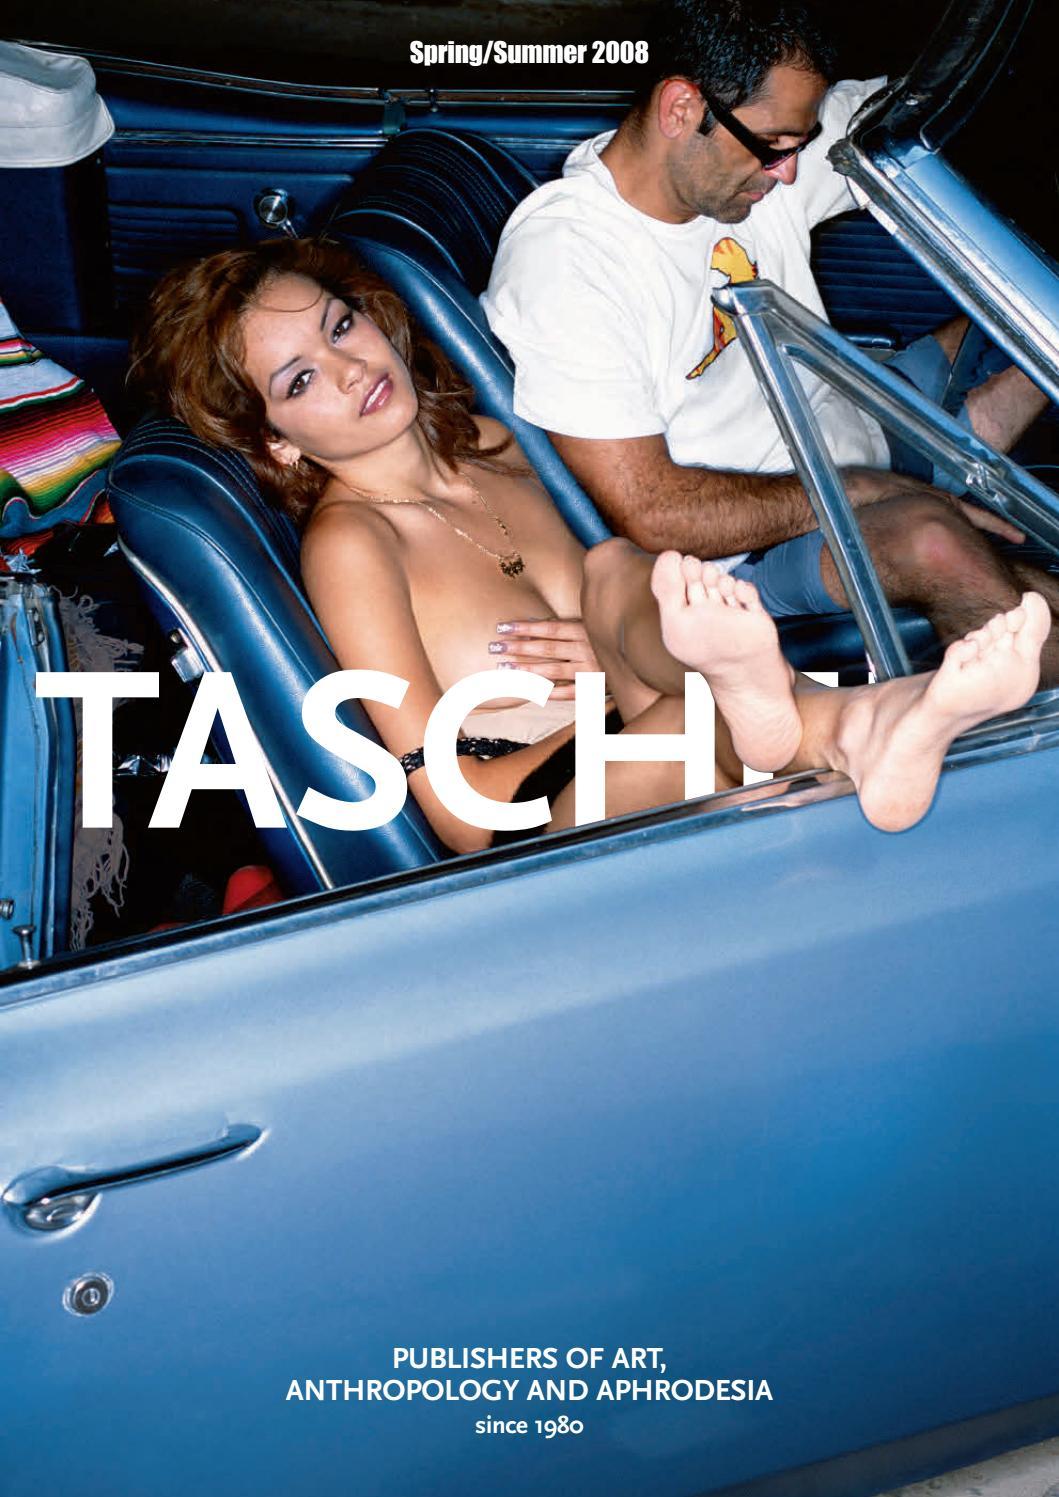 TASCHEN Magazine Spring/Summer 2008 by TASCHEN - issuu